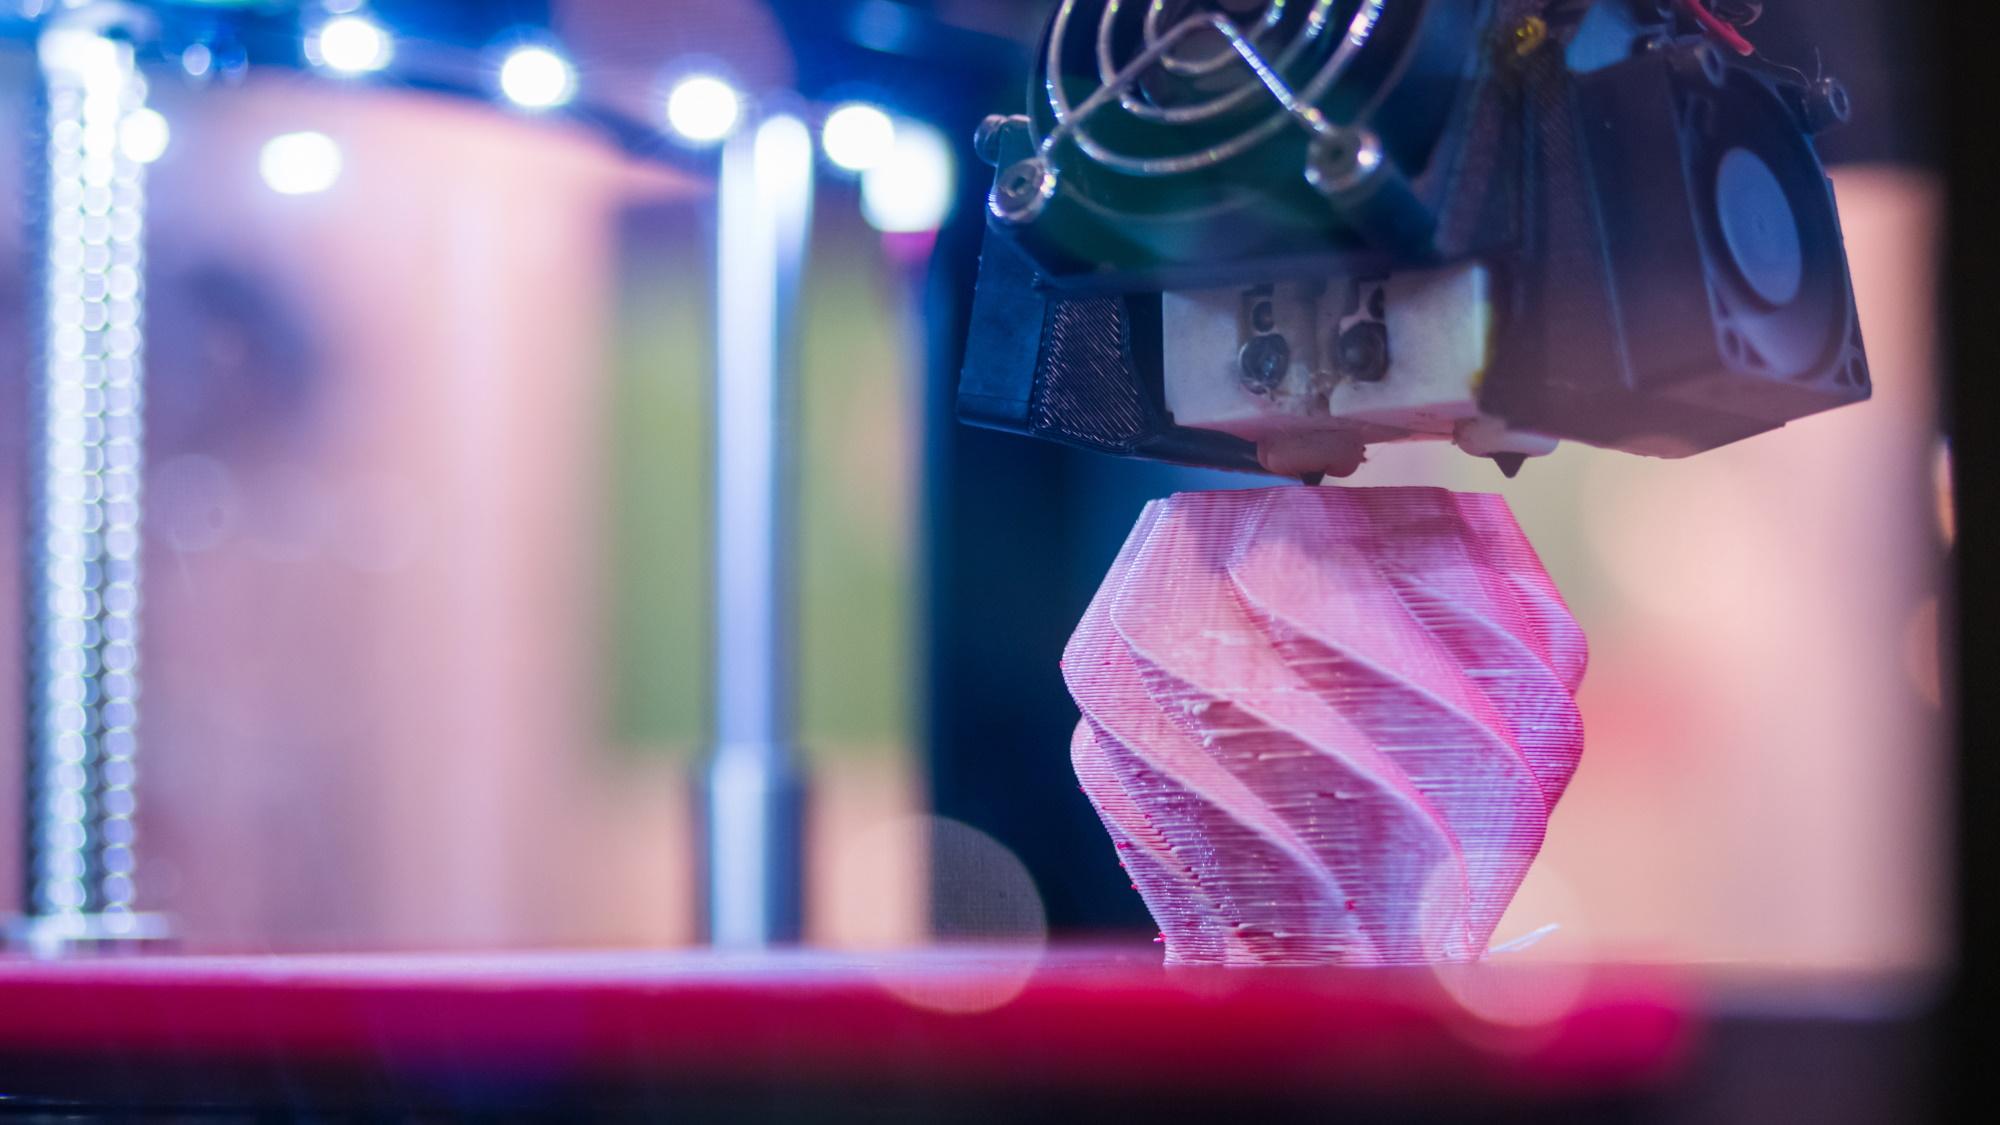 ITAINNOVA acogerá una jornada con los últimos avances sobre impresión 3D para piezas de plástico